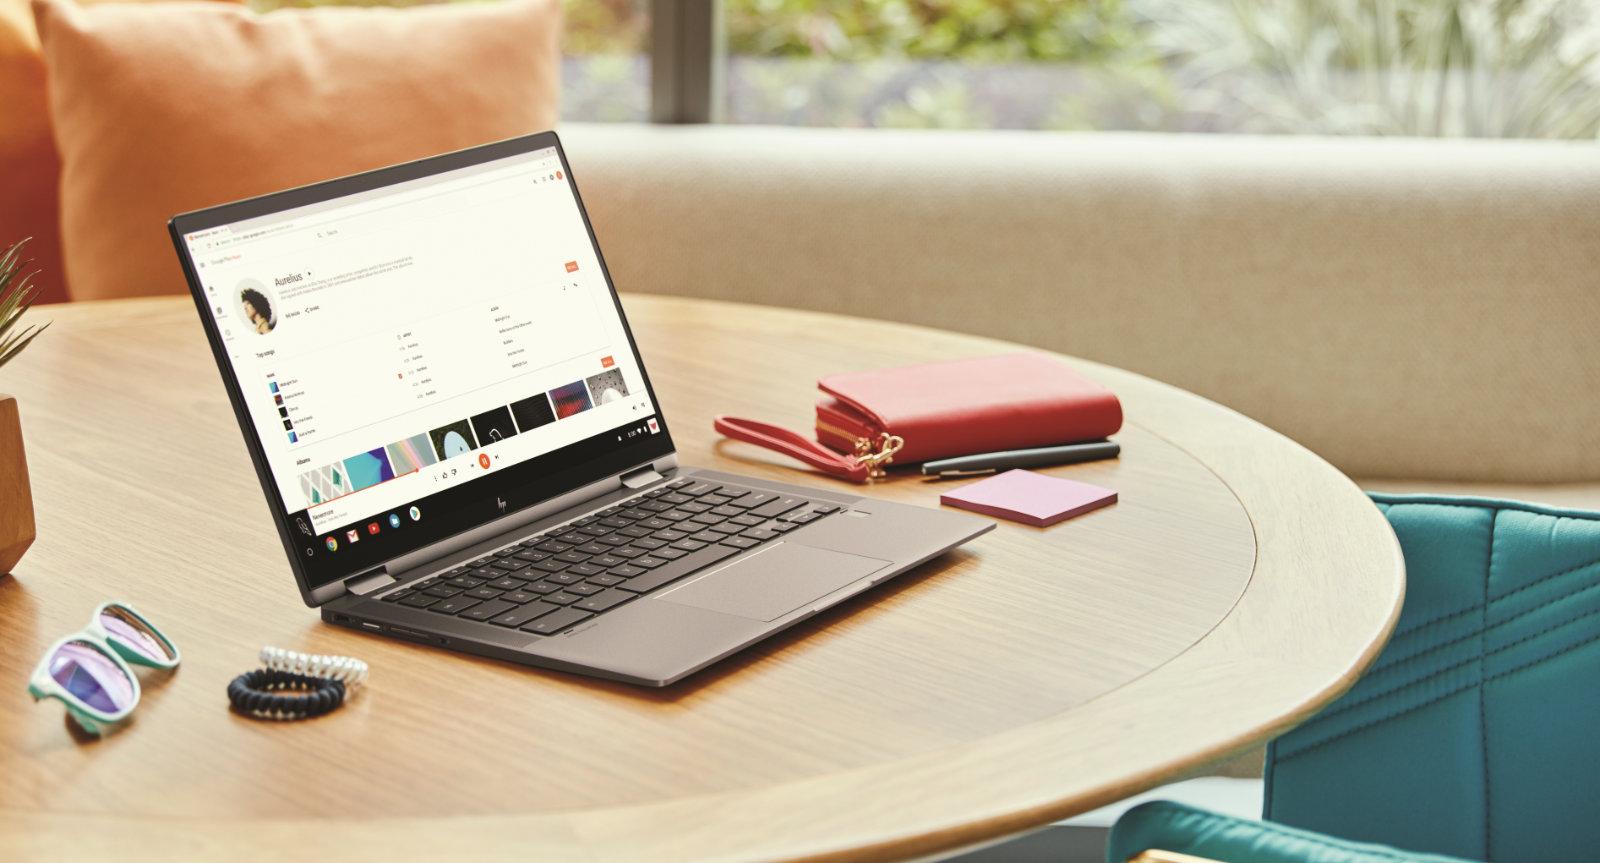 Hp Chromebook X360 14c Und Chromebook 11a Kommen Nach Deutschland